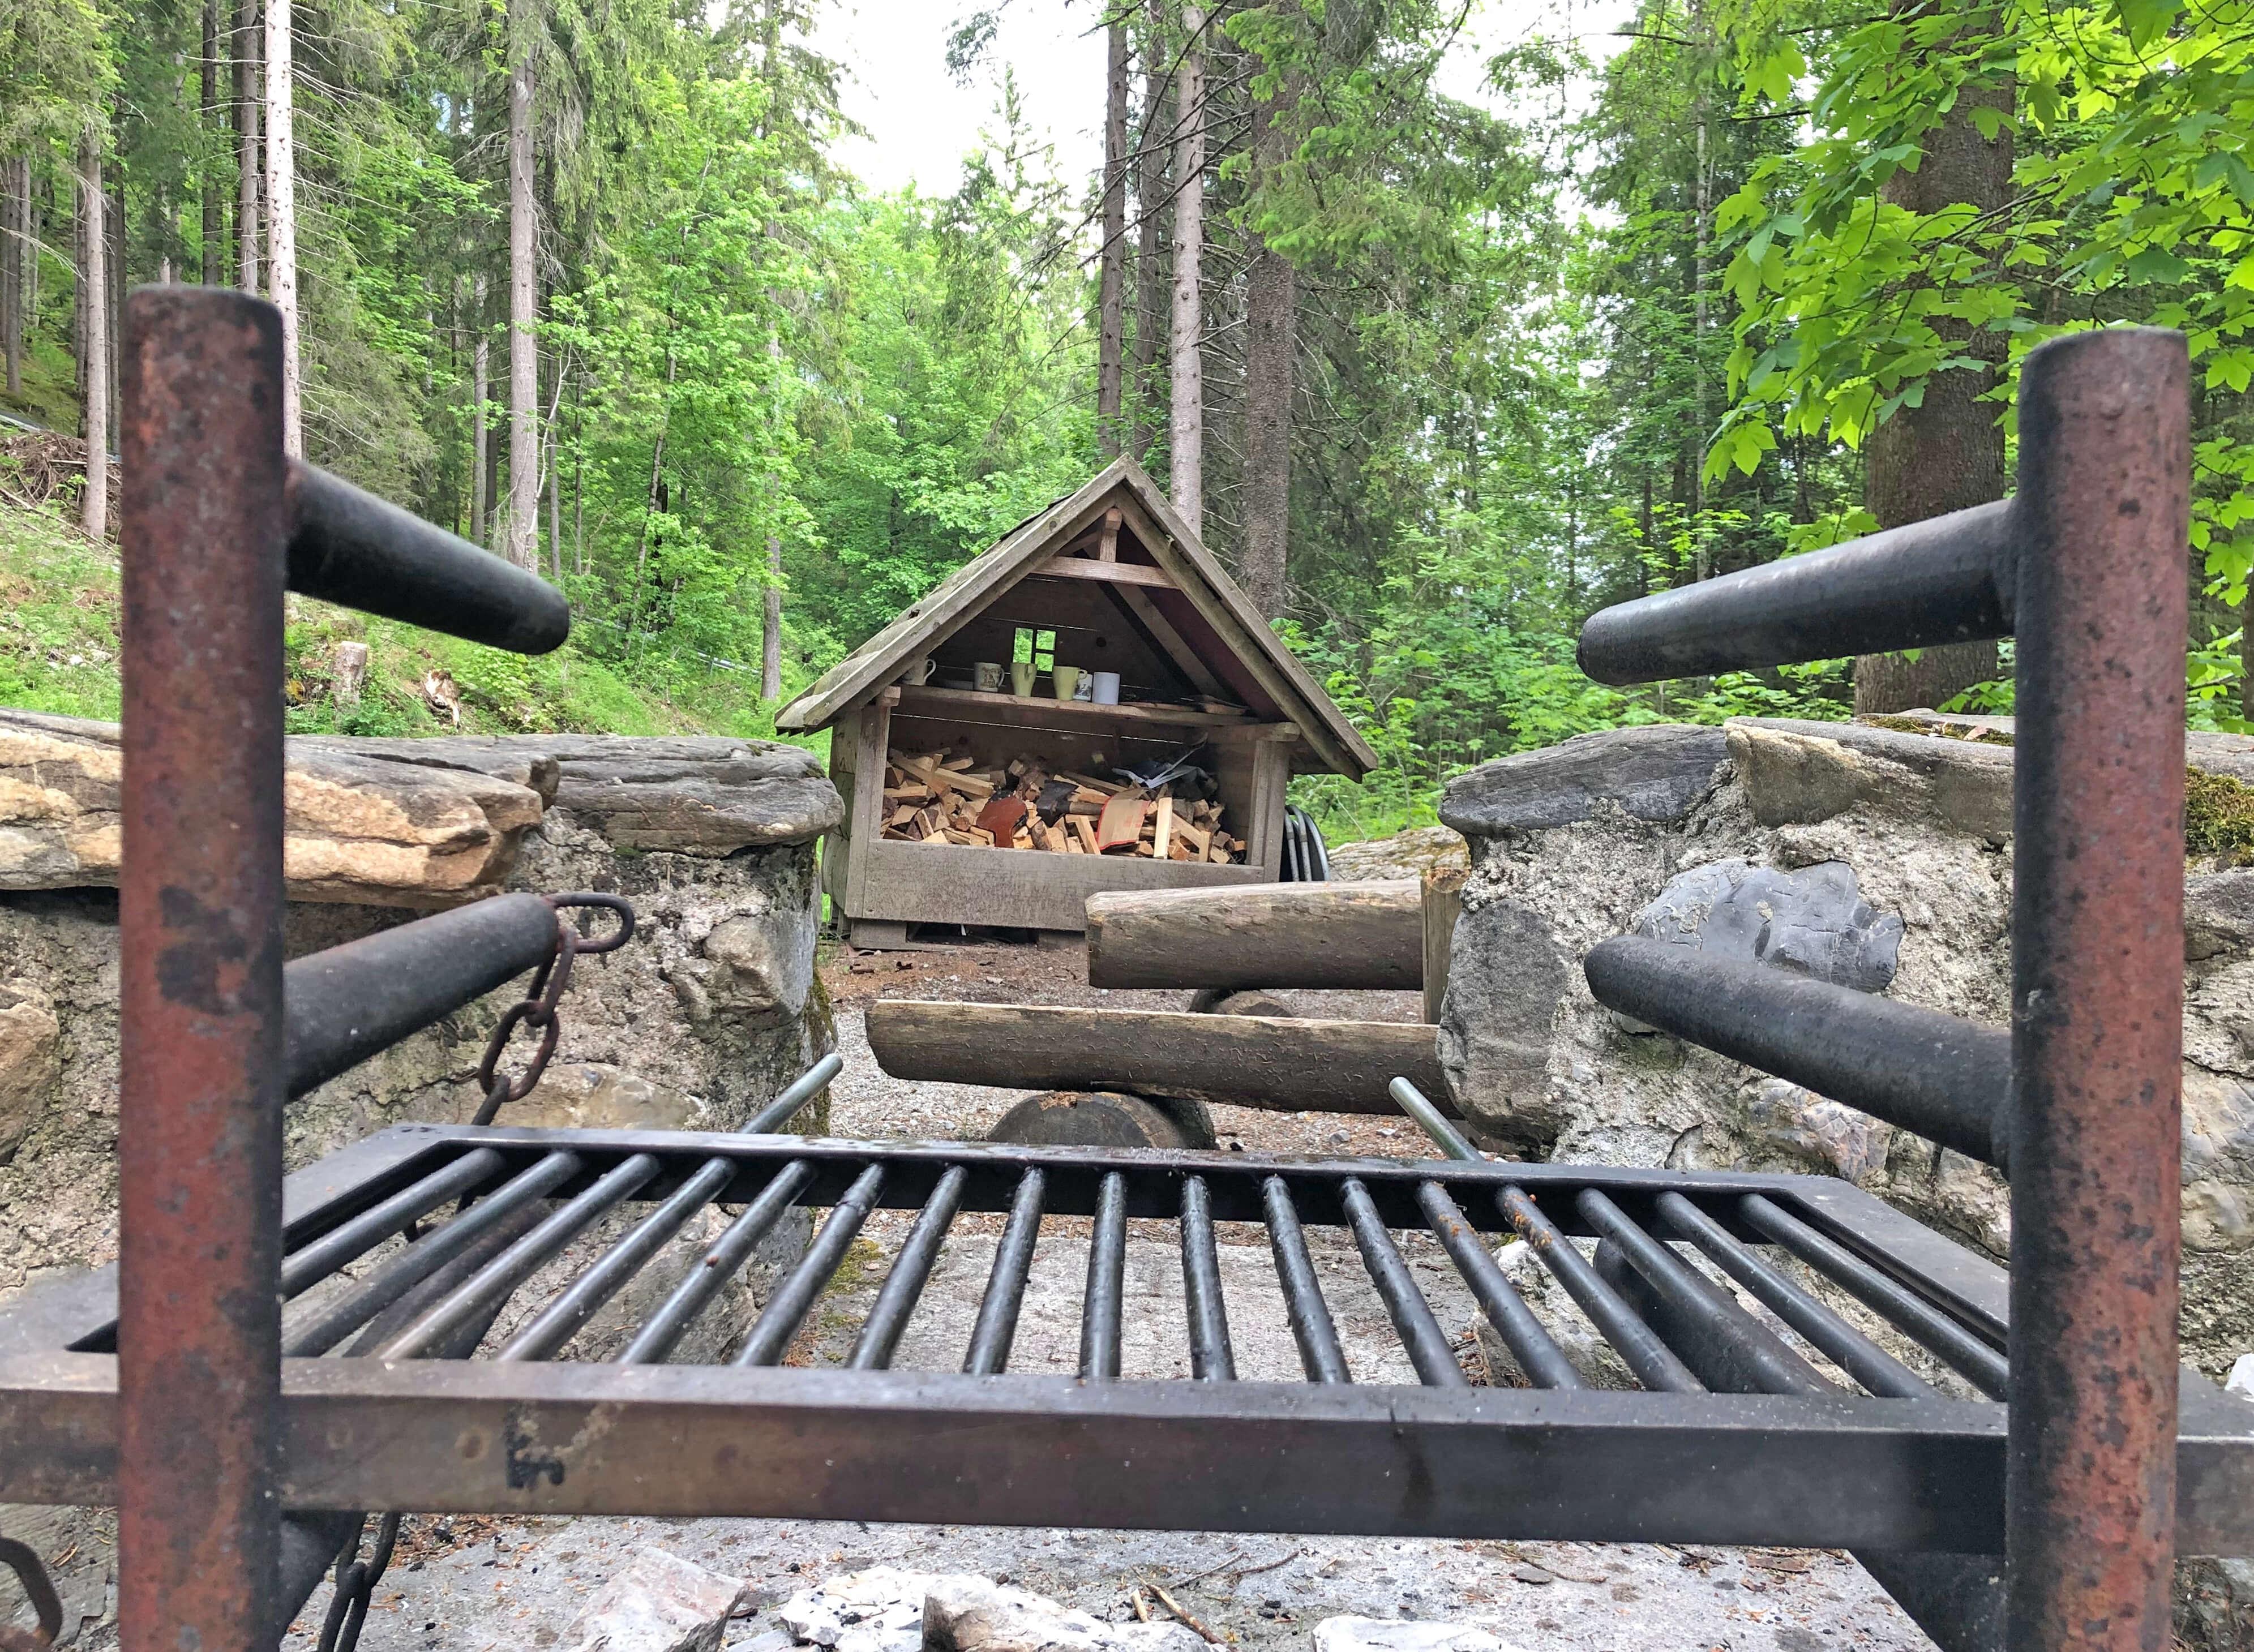 Feuerstelle mit grossem Grill und Feuerholz